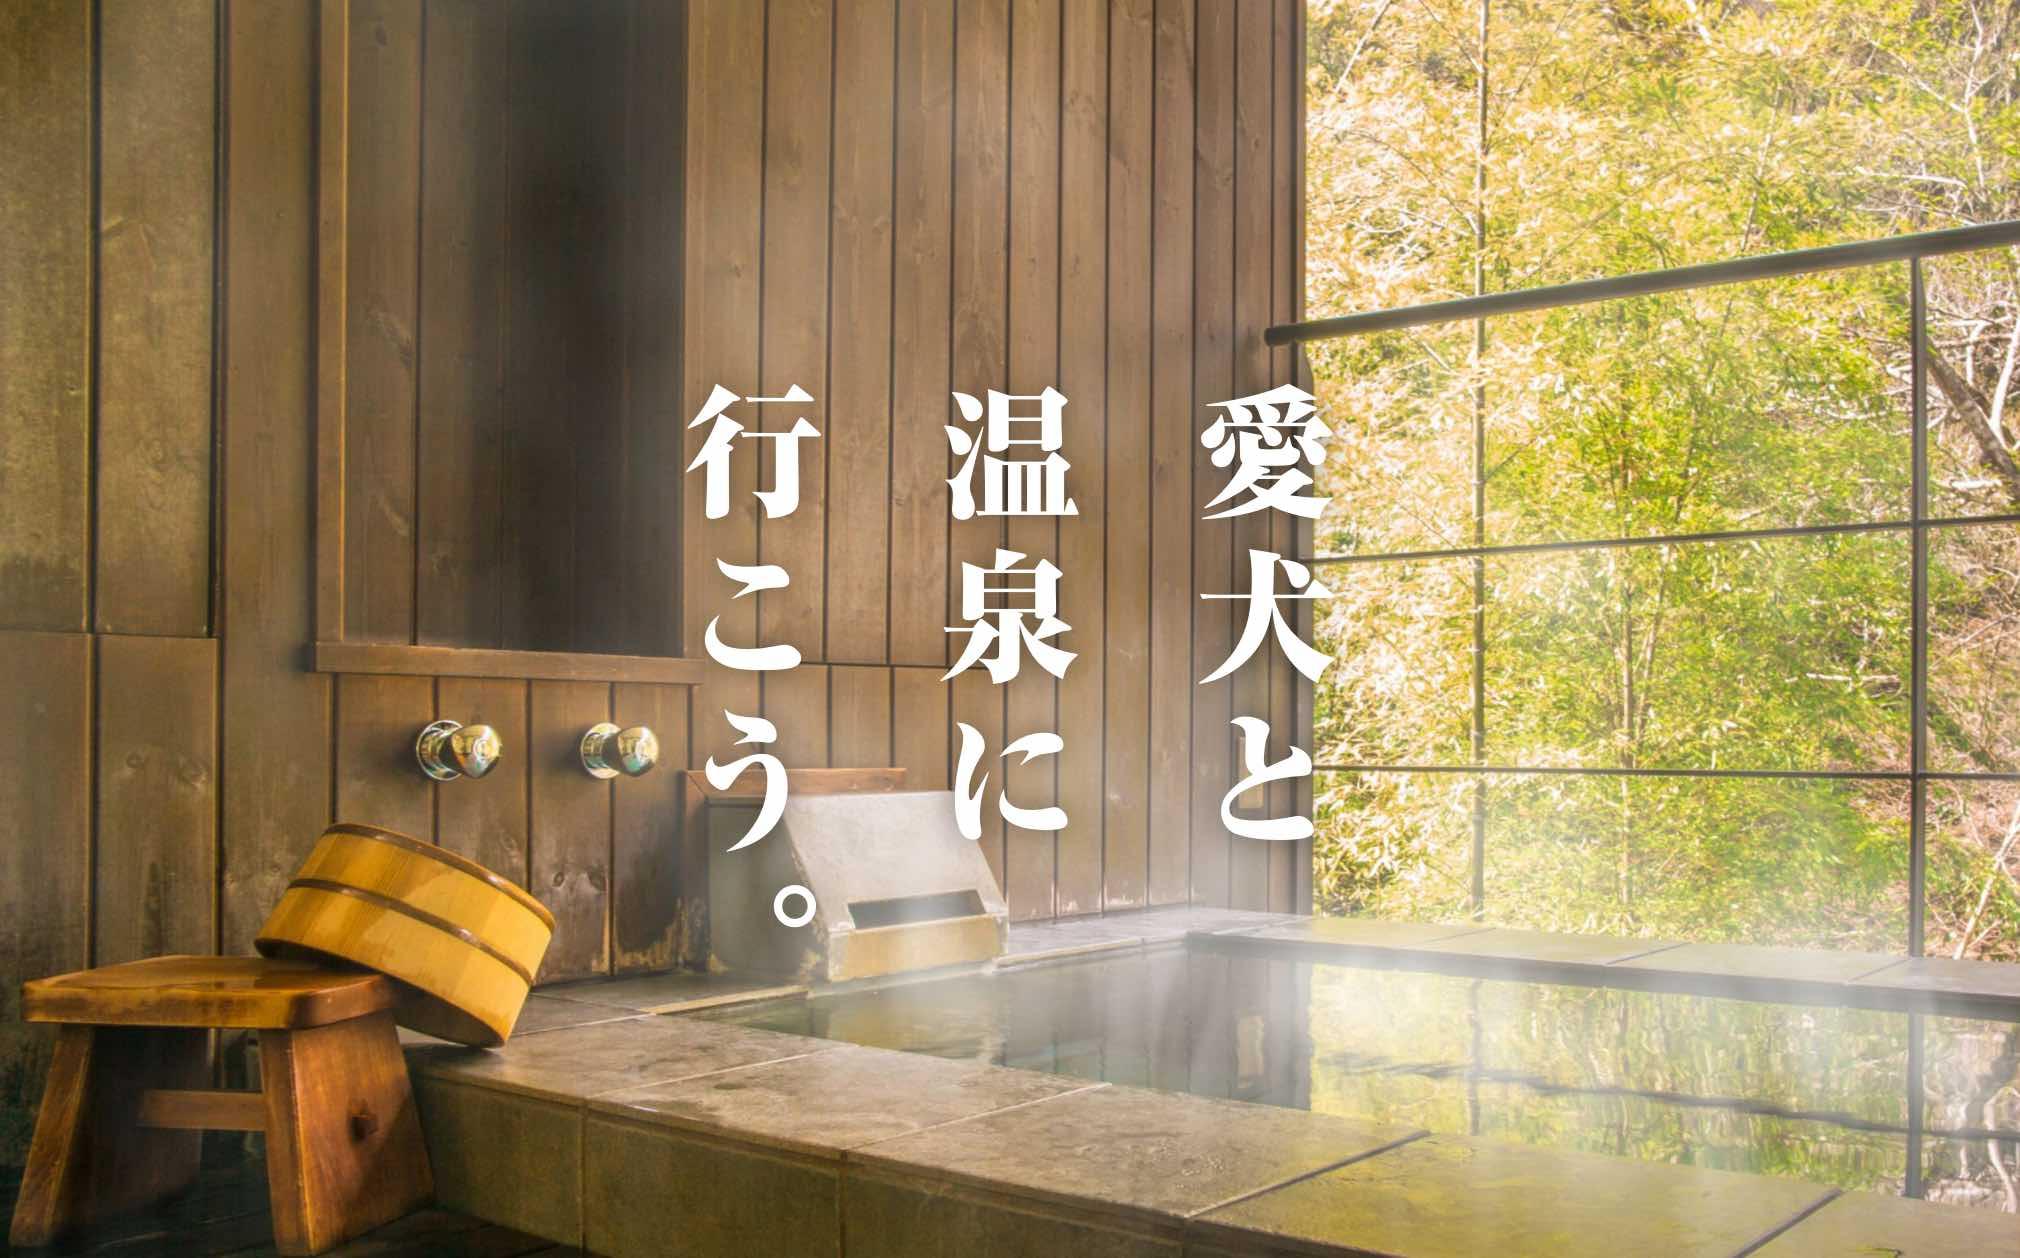 今年の秋・冬は、愛犬と温泉に!<br /> ペットと泊まれる温泉宿特集